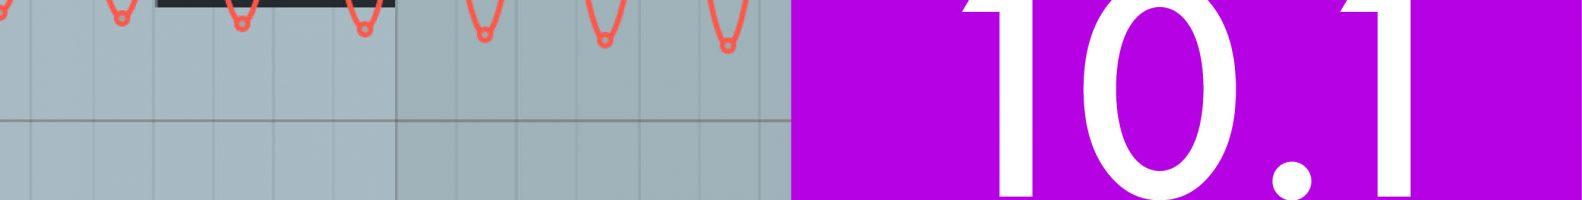 Ableton Liveが10.1へアップデート! Magenta Studioへも対応済み